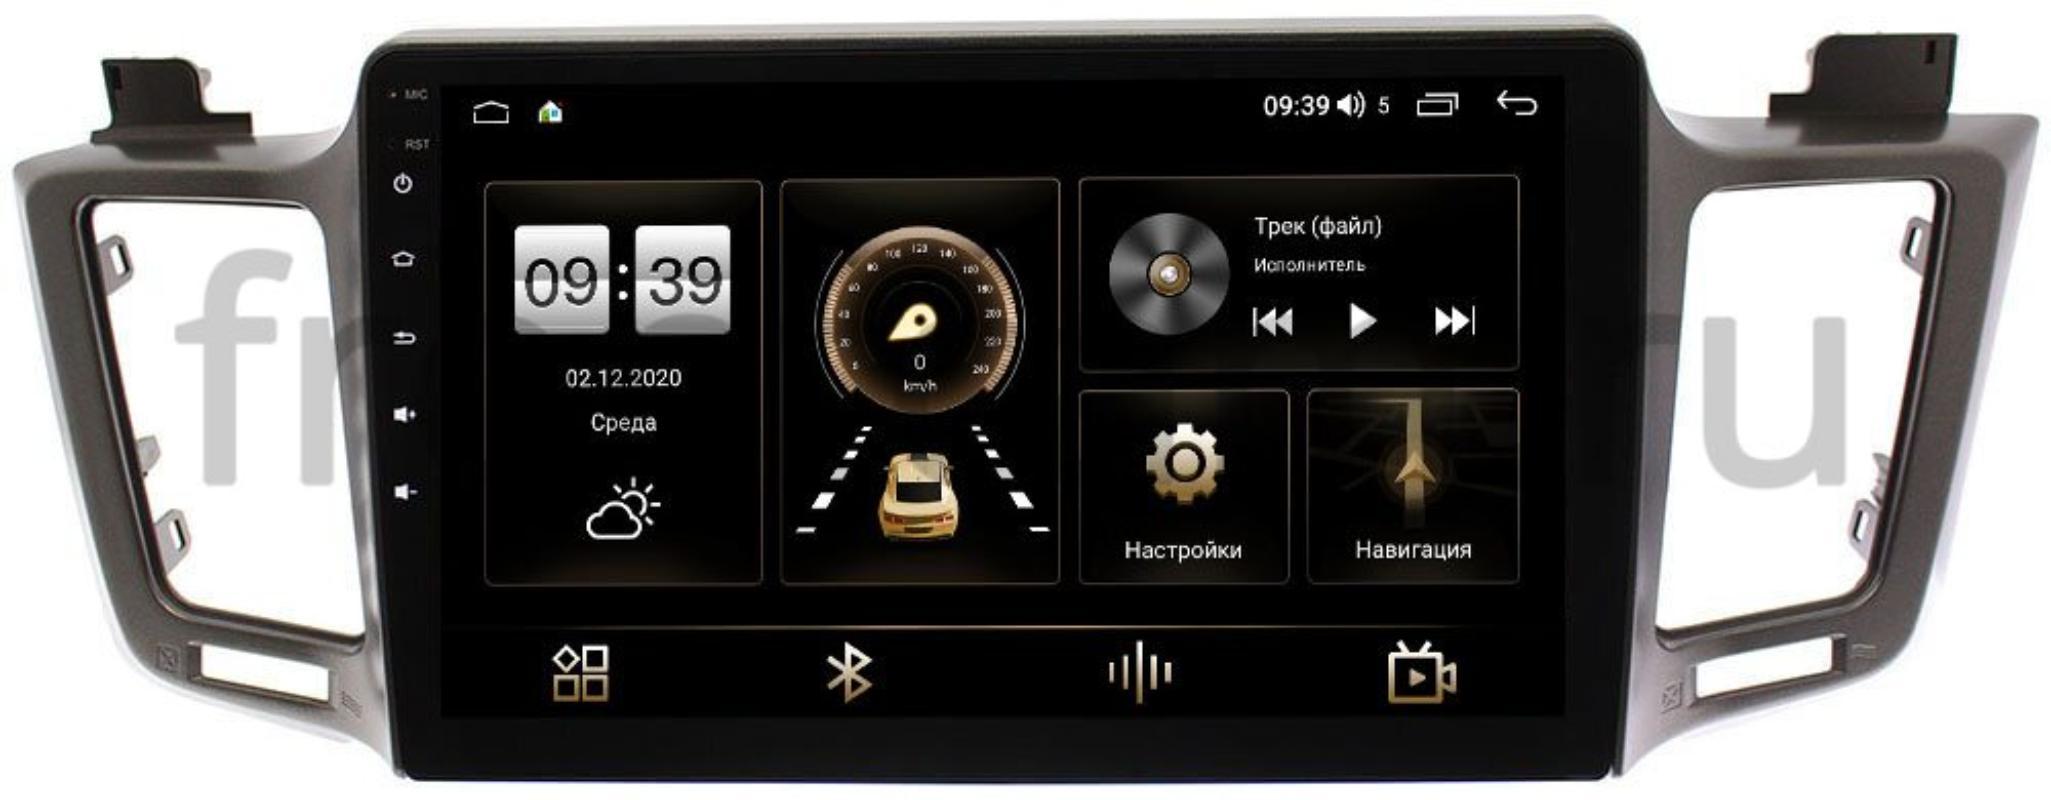 Штатная магнитола LeTrun 3799-1030 для Toyota RAV4 (CA40) 2013-2019 (для авто c 4 камерами) на Android 10 (4/64, DSP, QLed) (+ Камера заднего вида в подарок!)